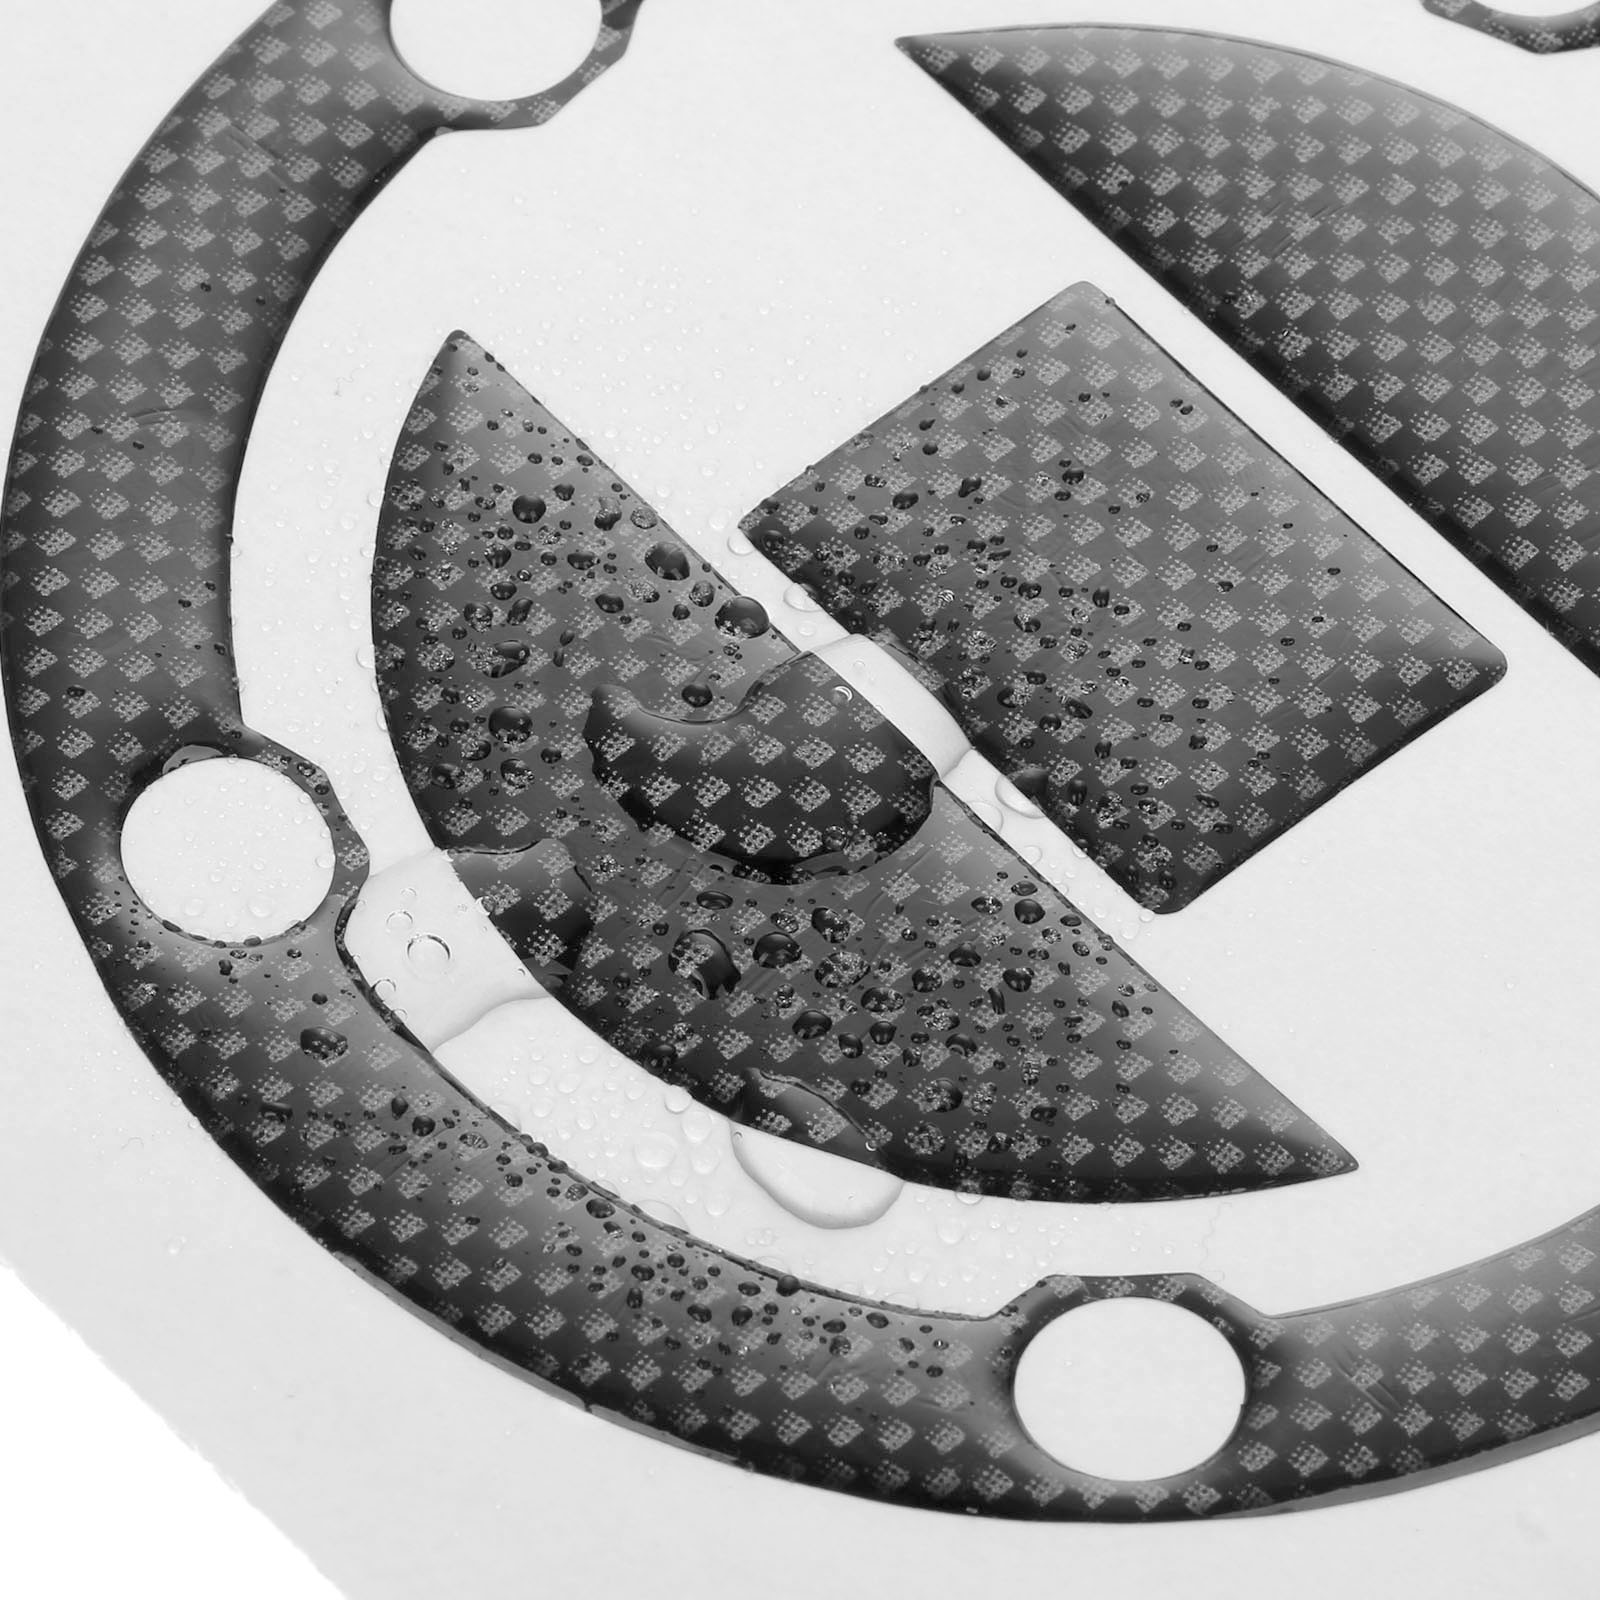 Tank Pad Protector Sticker үшін SUZUKI GSX-R750 GSXR1000 SV1000S - Мотоцикл аксессуарлары мен бөлшектер - фото 6